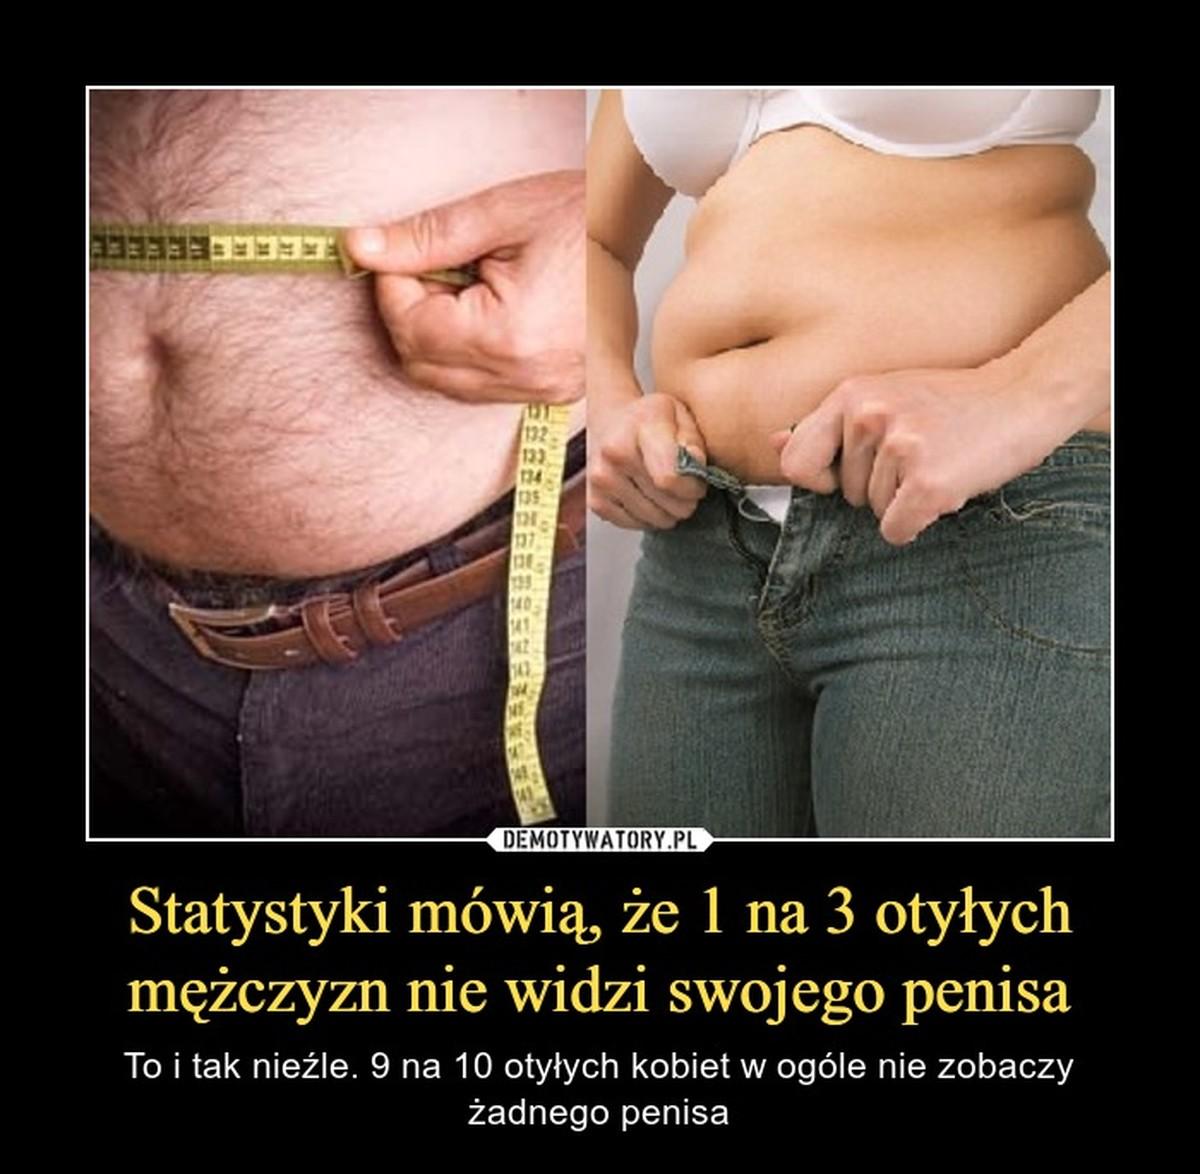 otyłość i penisa